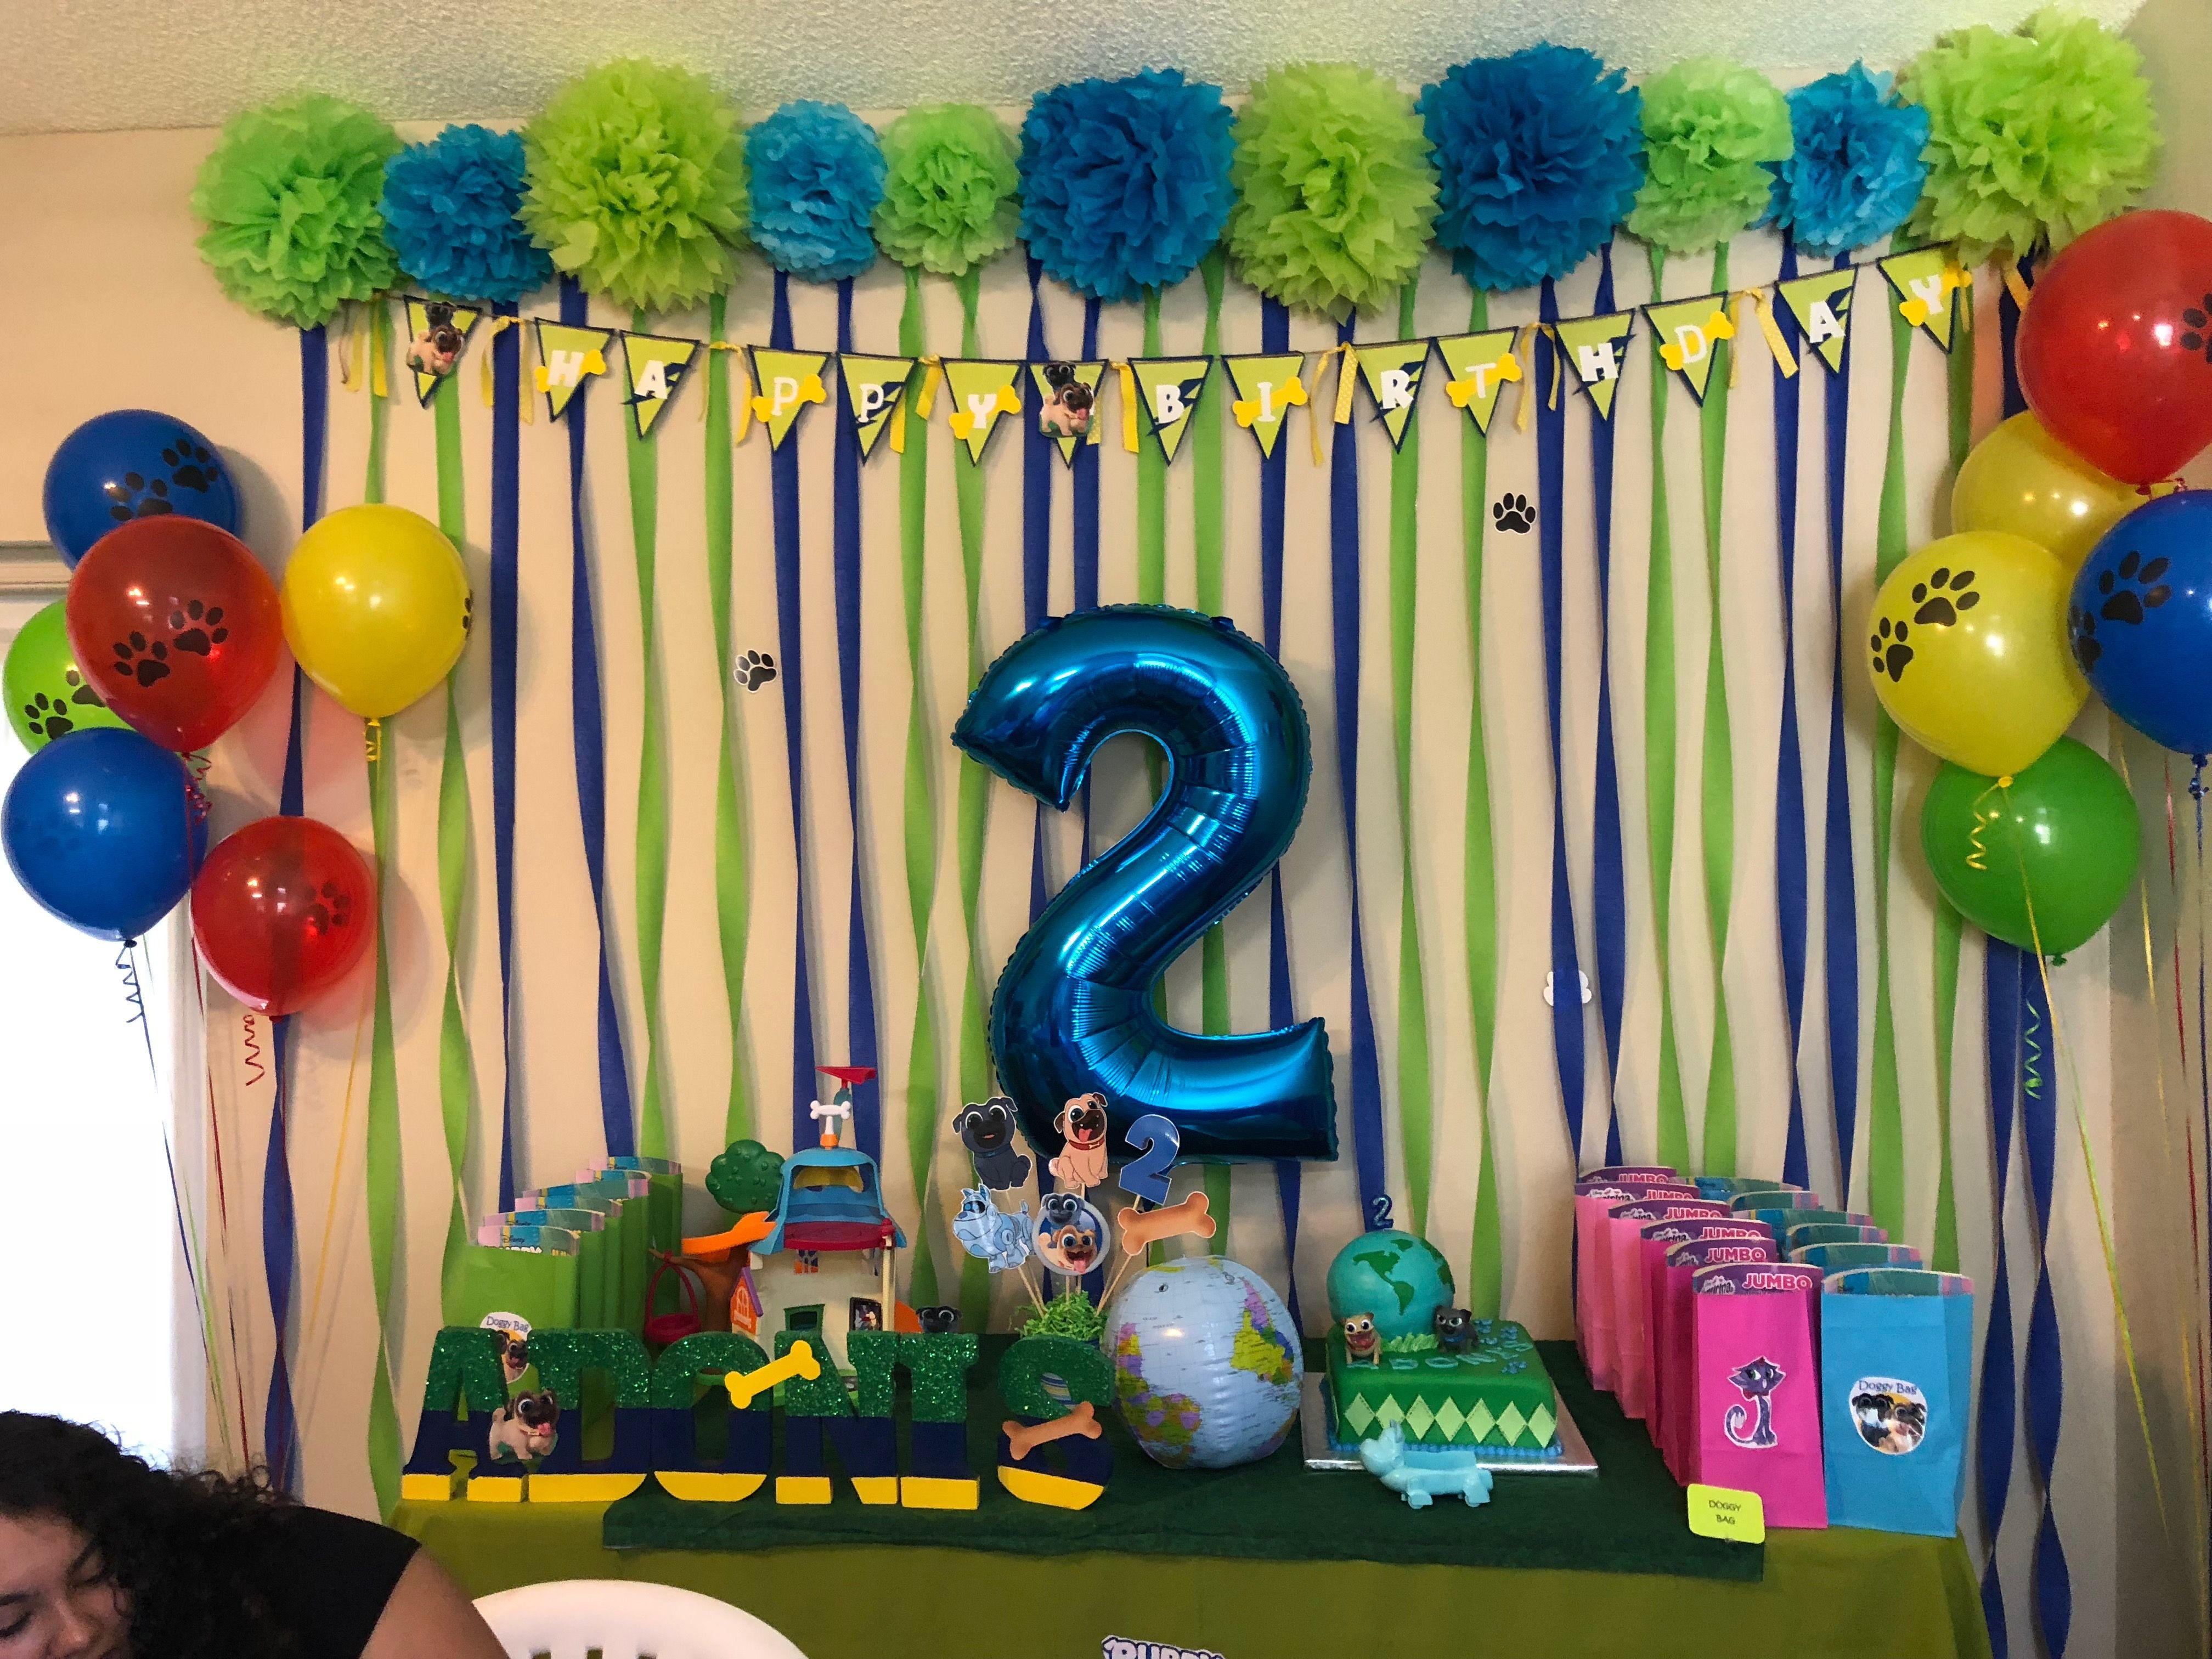 Puppy dog pals birthday birthday 2nd birthday cake pops